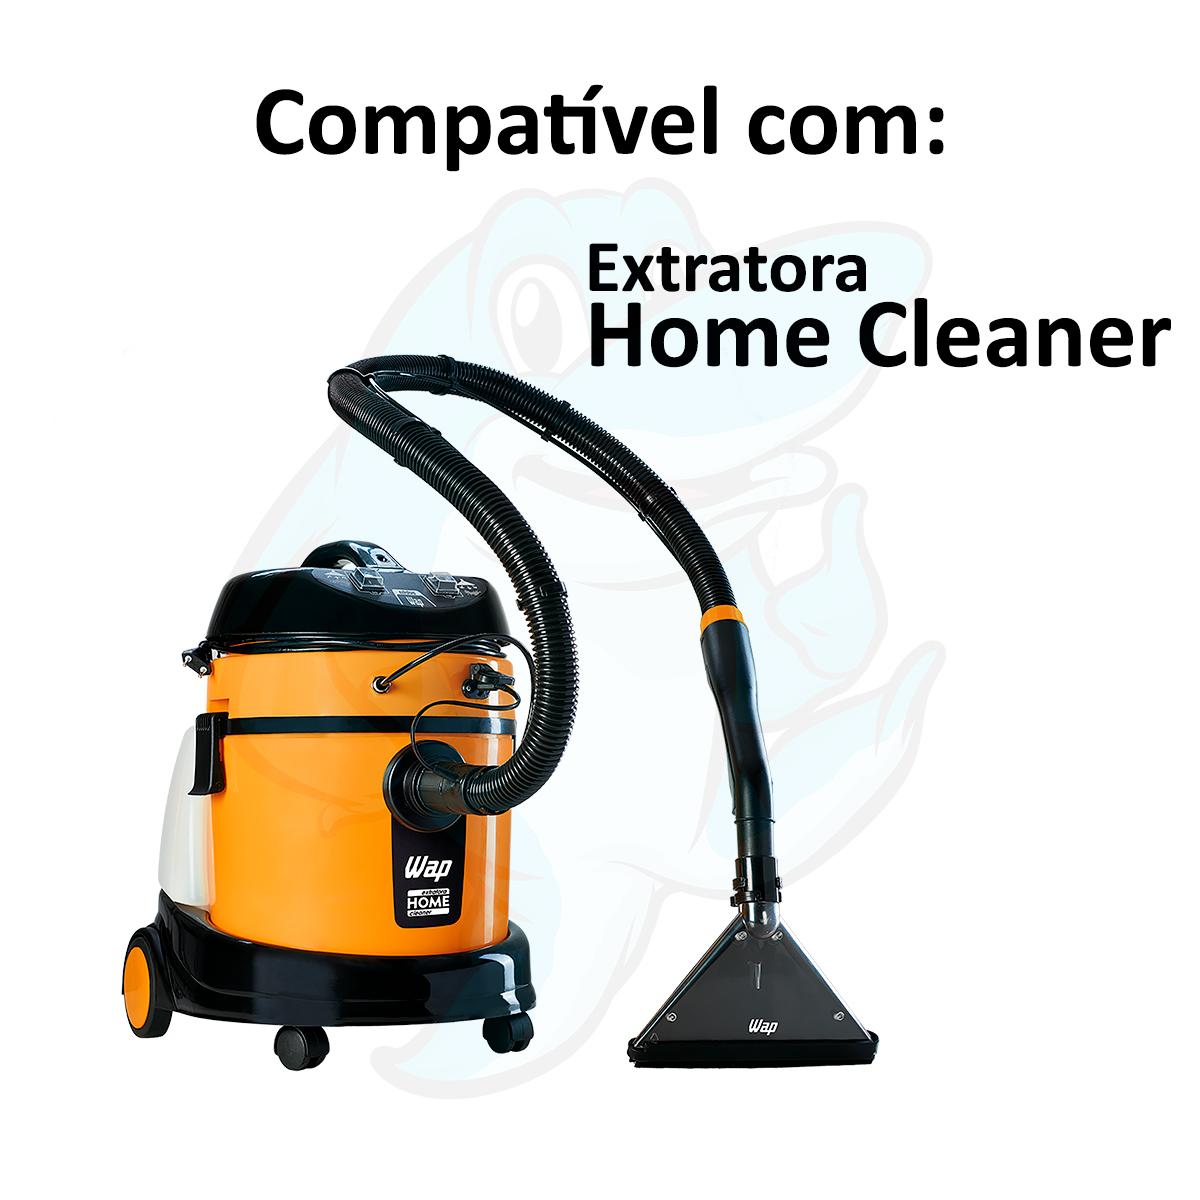 Bico Pequeno Preto 36mm para Extratora Wap Home Cleaner